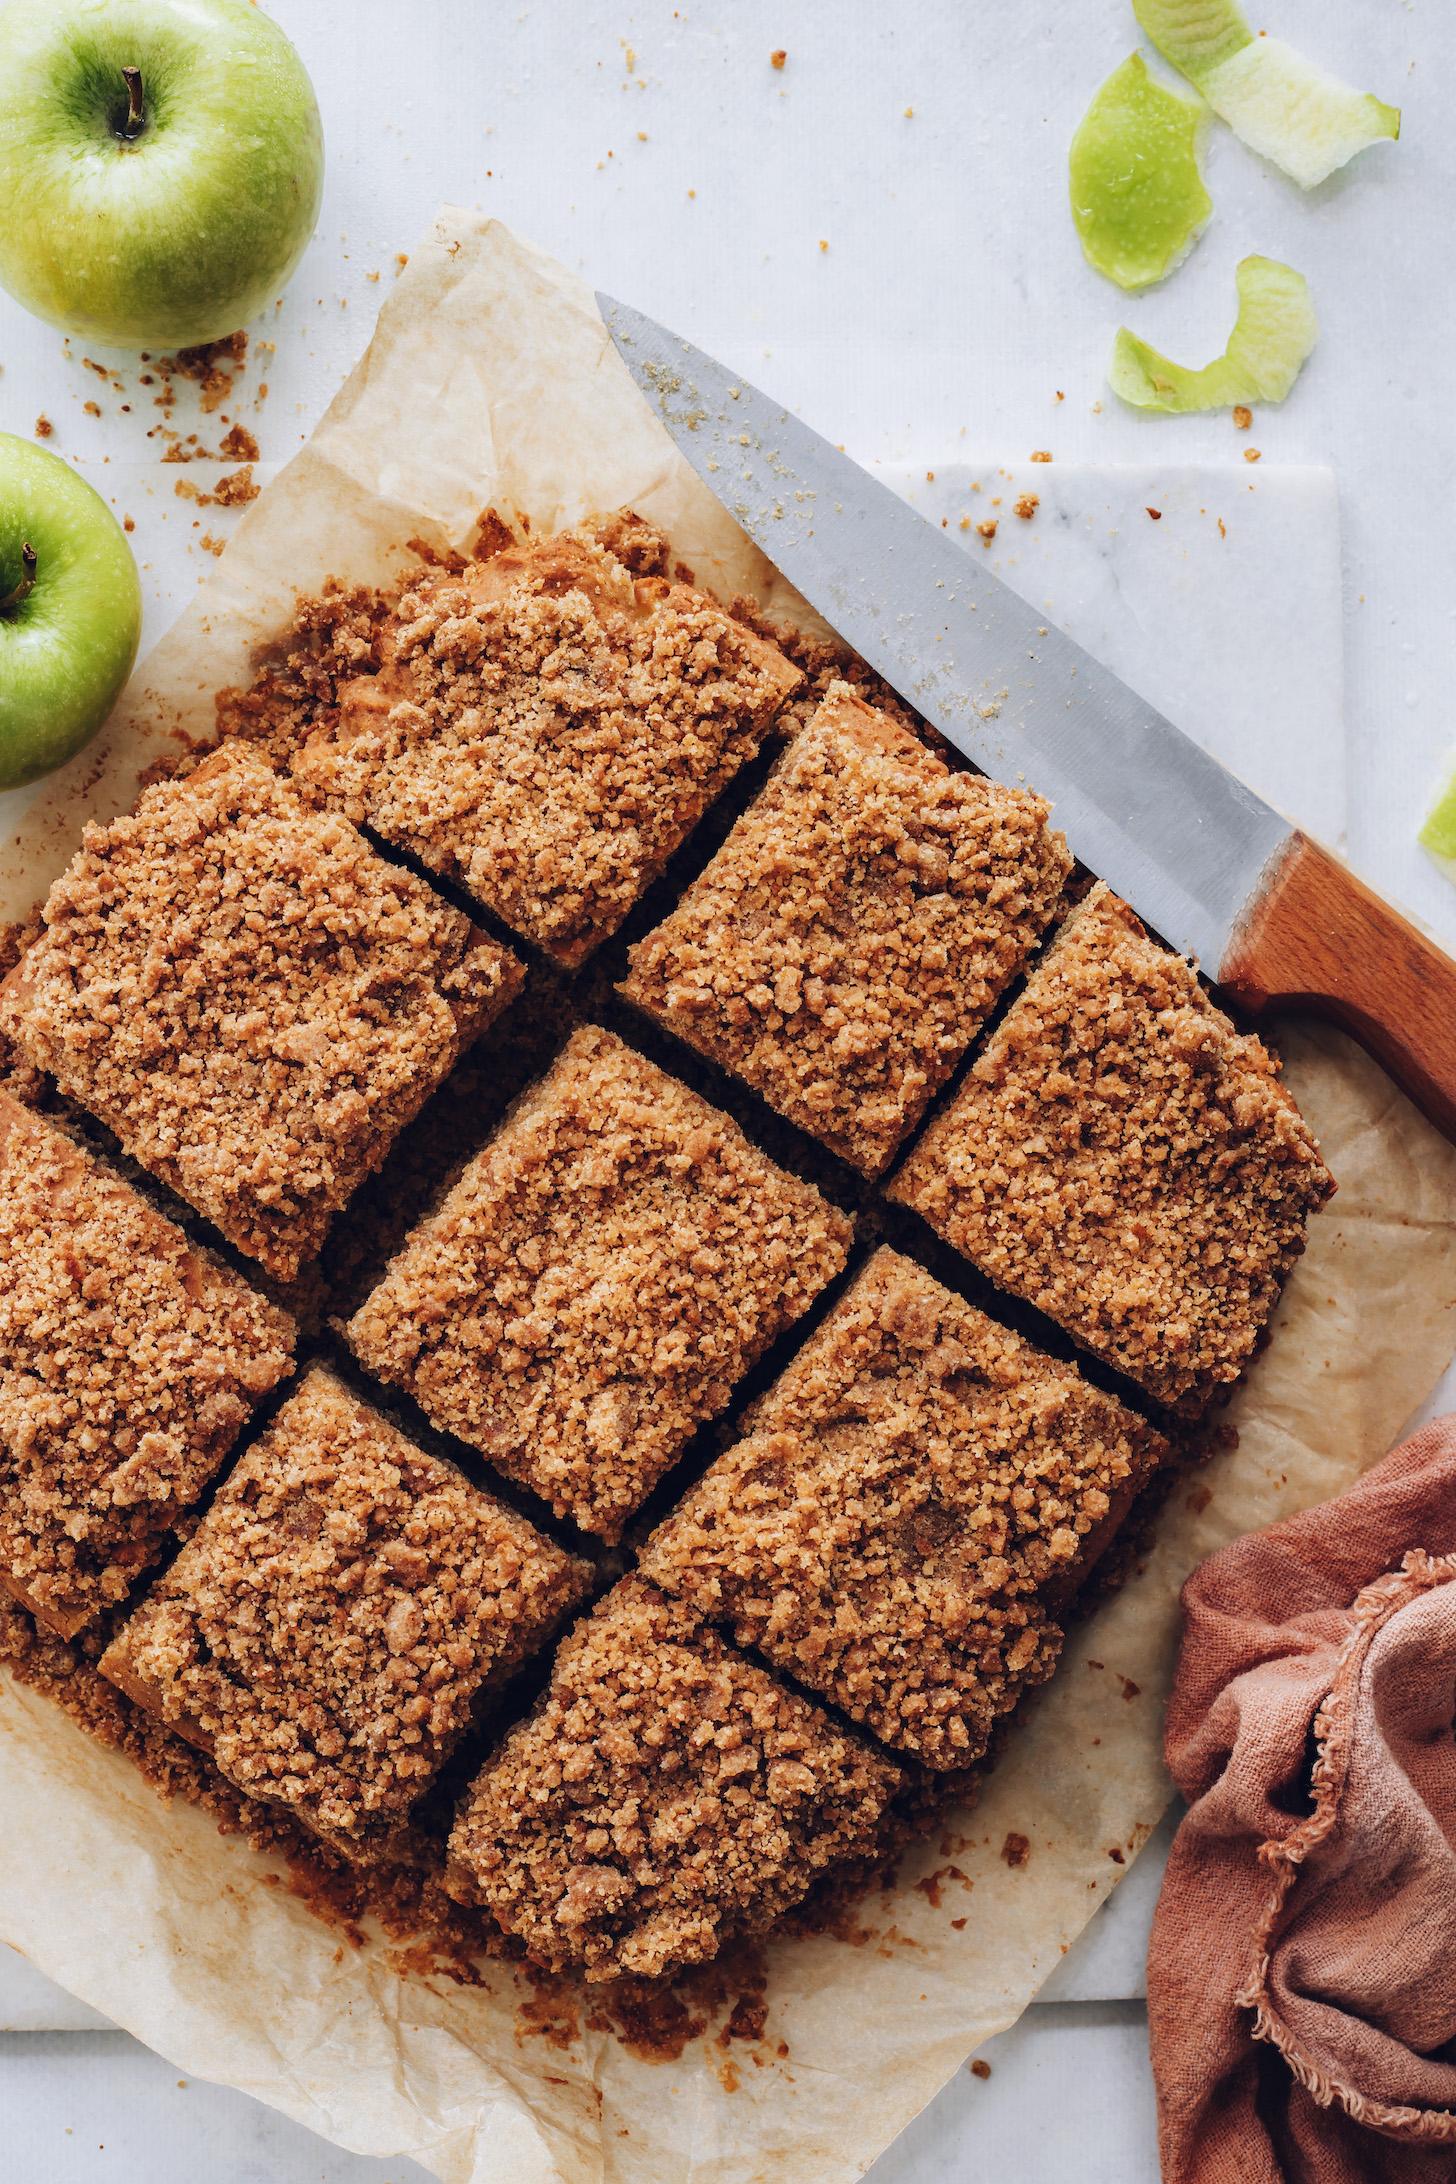 Tepesi kırılmış bir tepesi olan elmalı kahveli kek dilimlerinin havai görüntüsü